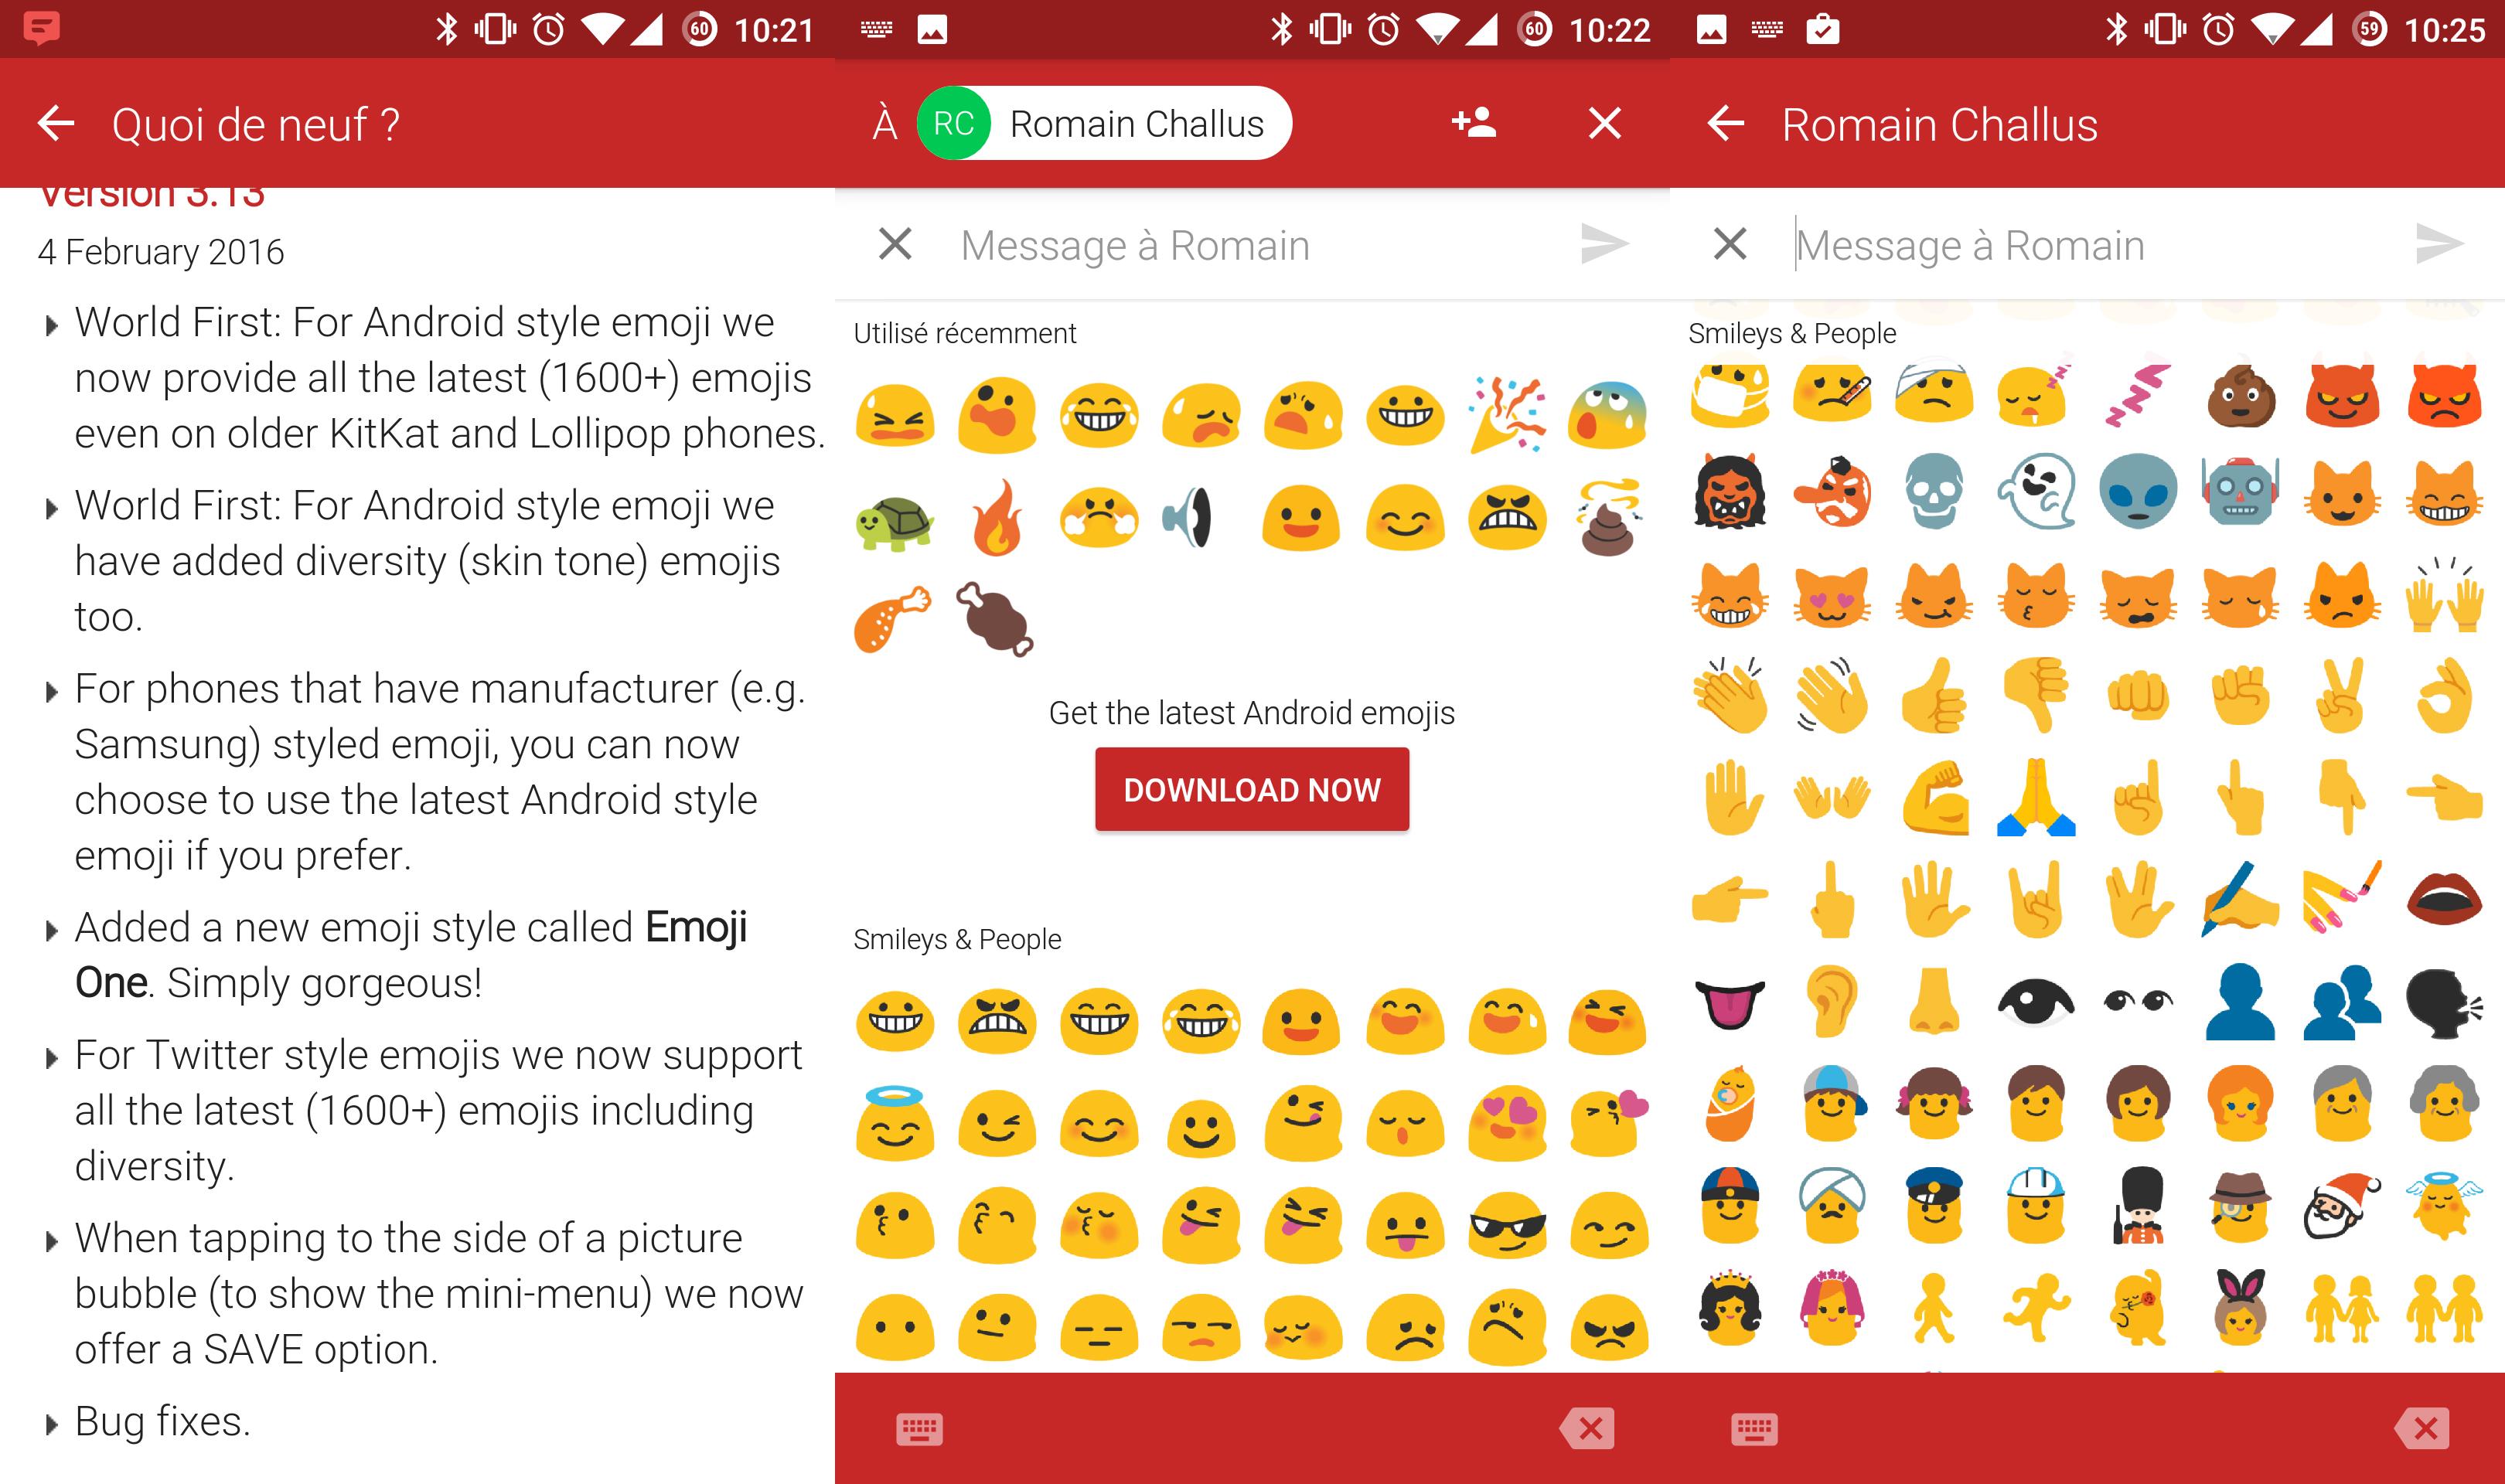 textra sms tous les nouveaux emojis sont l frandroid. Black Bedroom Furniture Sets. Home Design Ideas